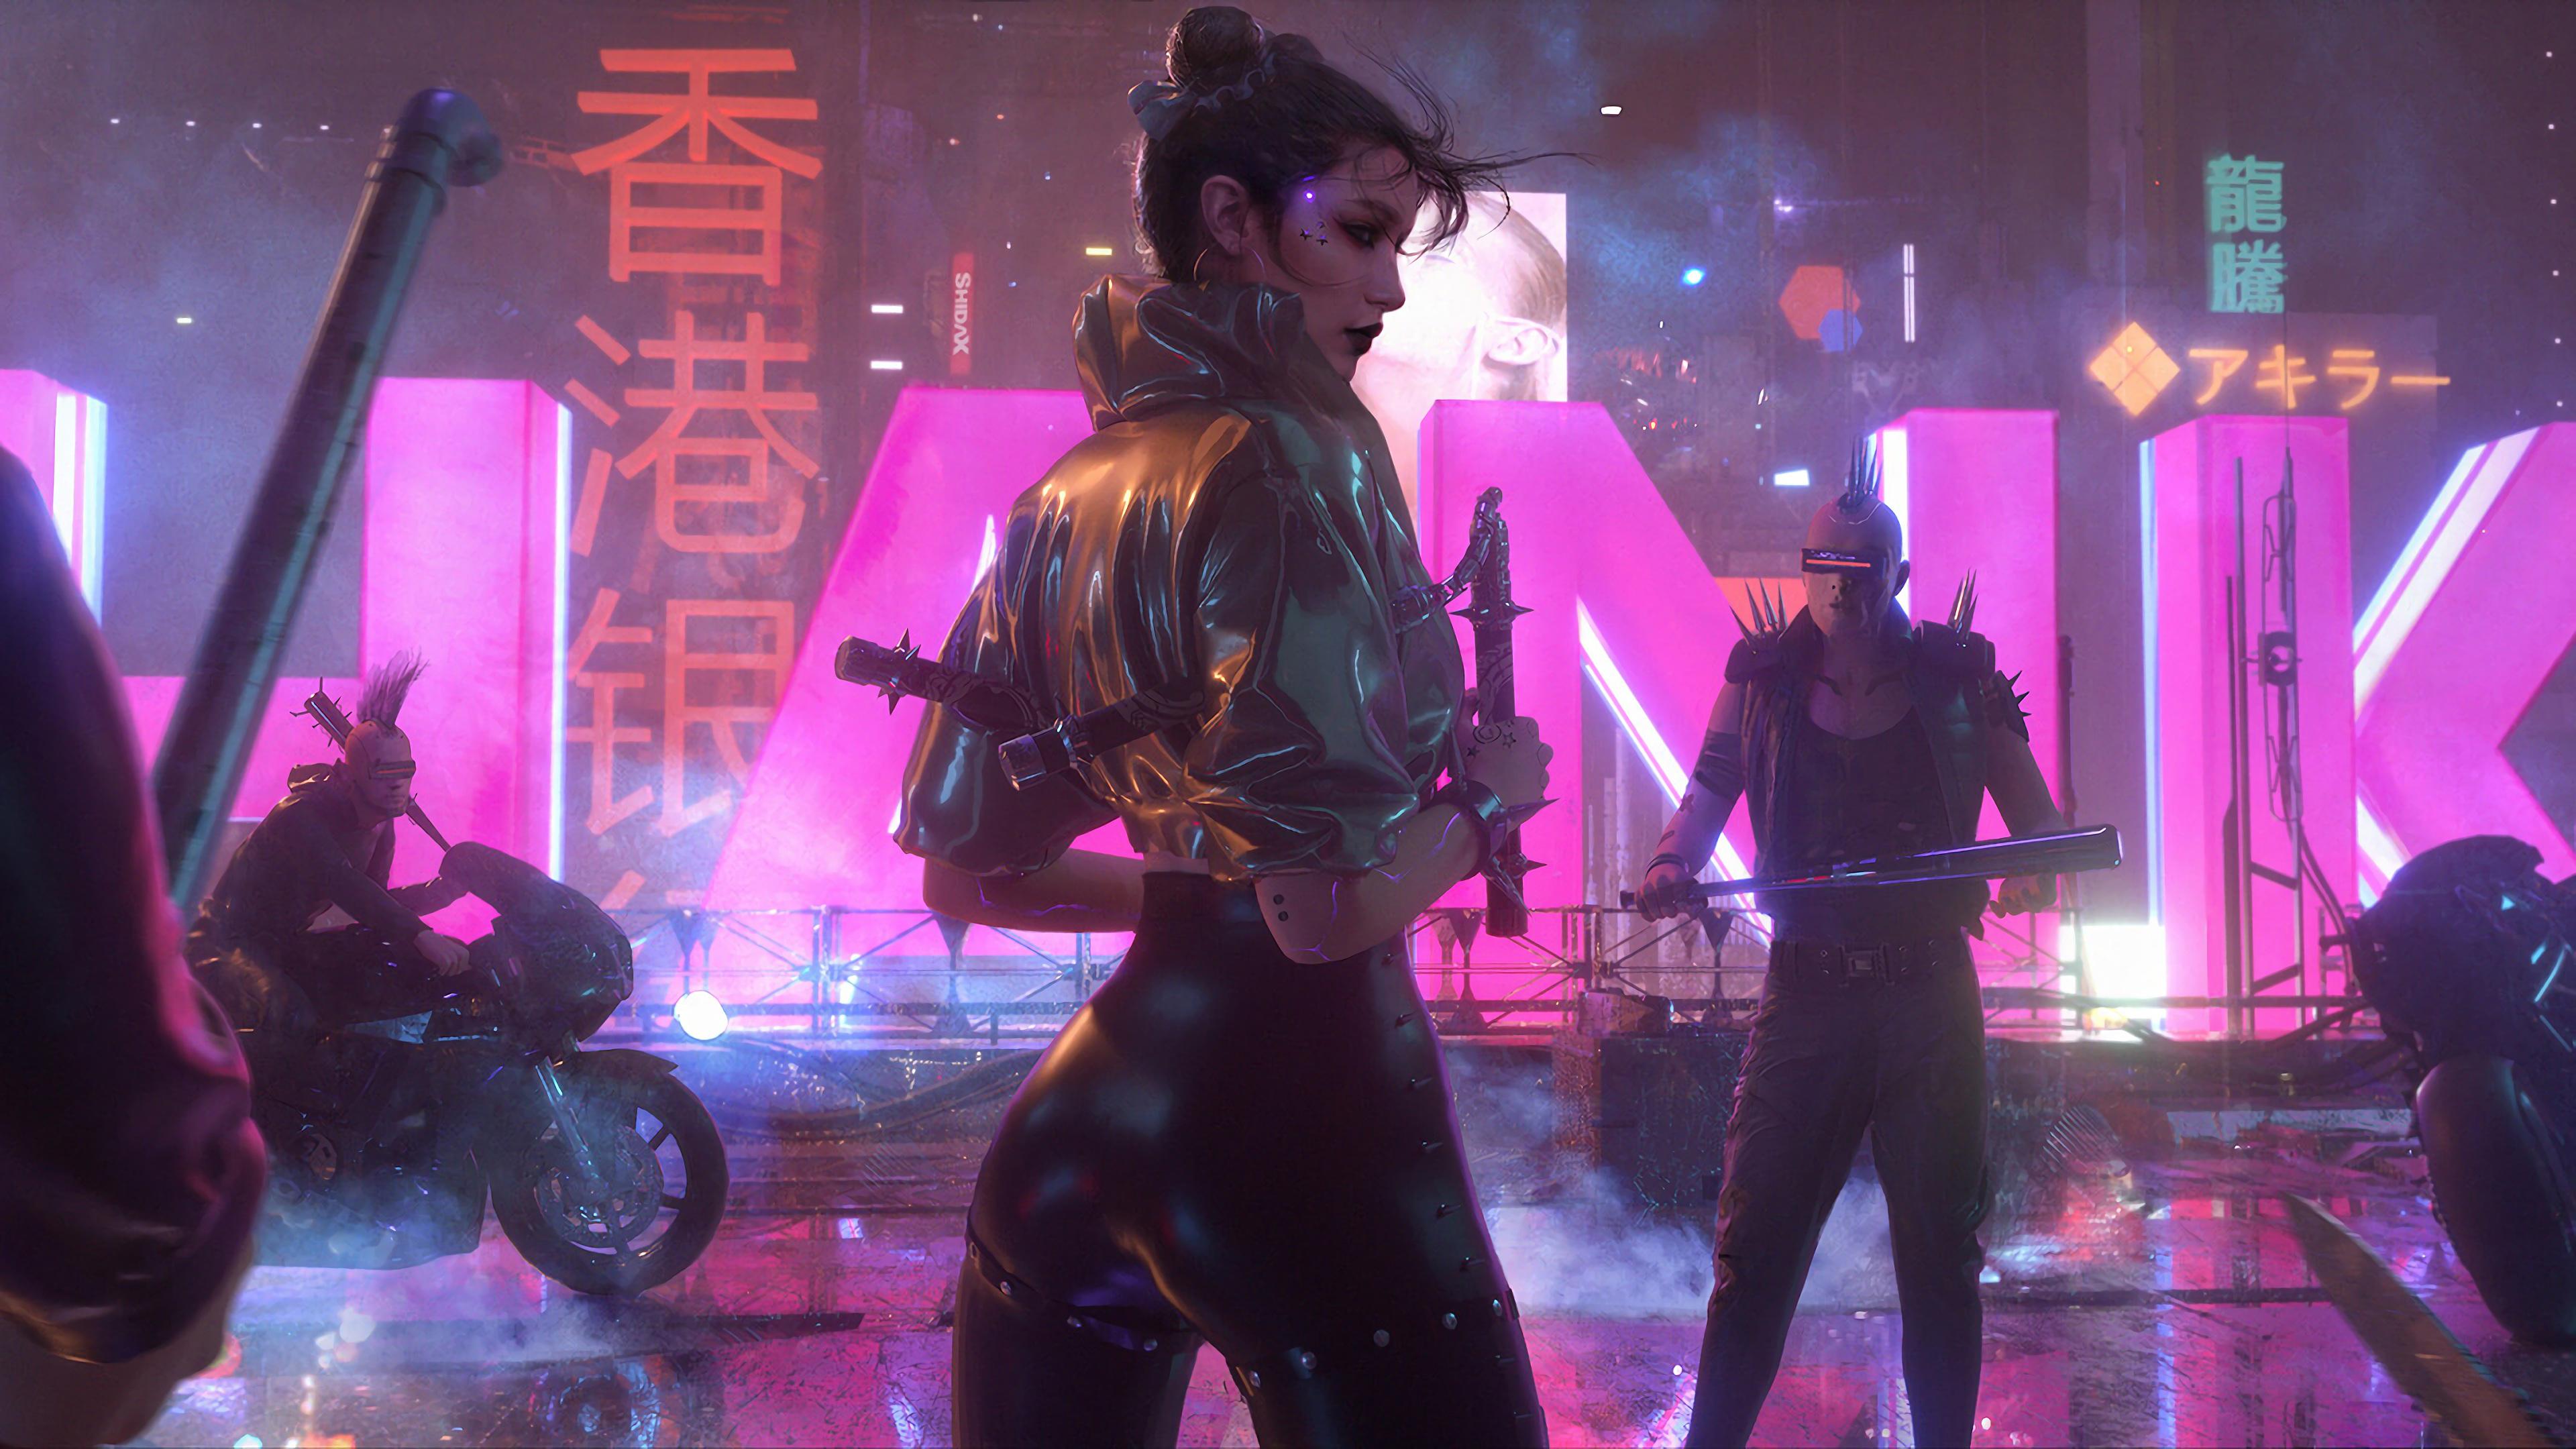 Cyberpunk Girl Sci Fi 4k Cyberpunk Girl Wallpaper 4k 3840x2160 Wallpaper Teahub Io